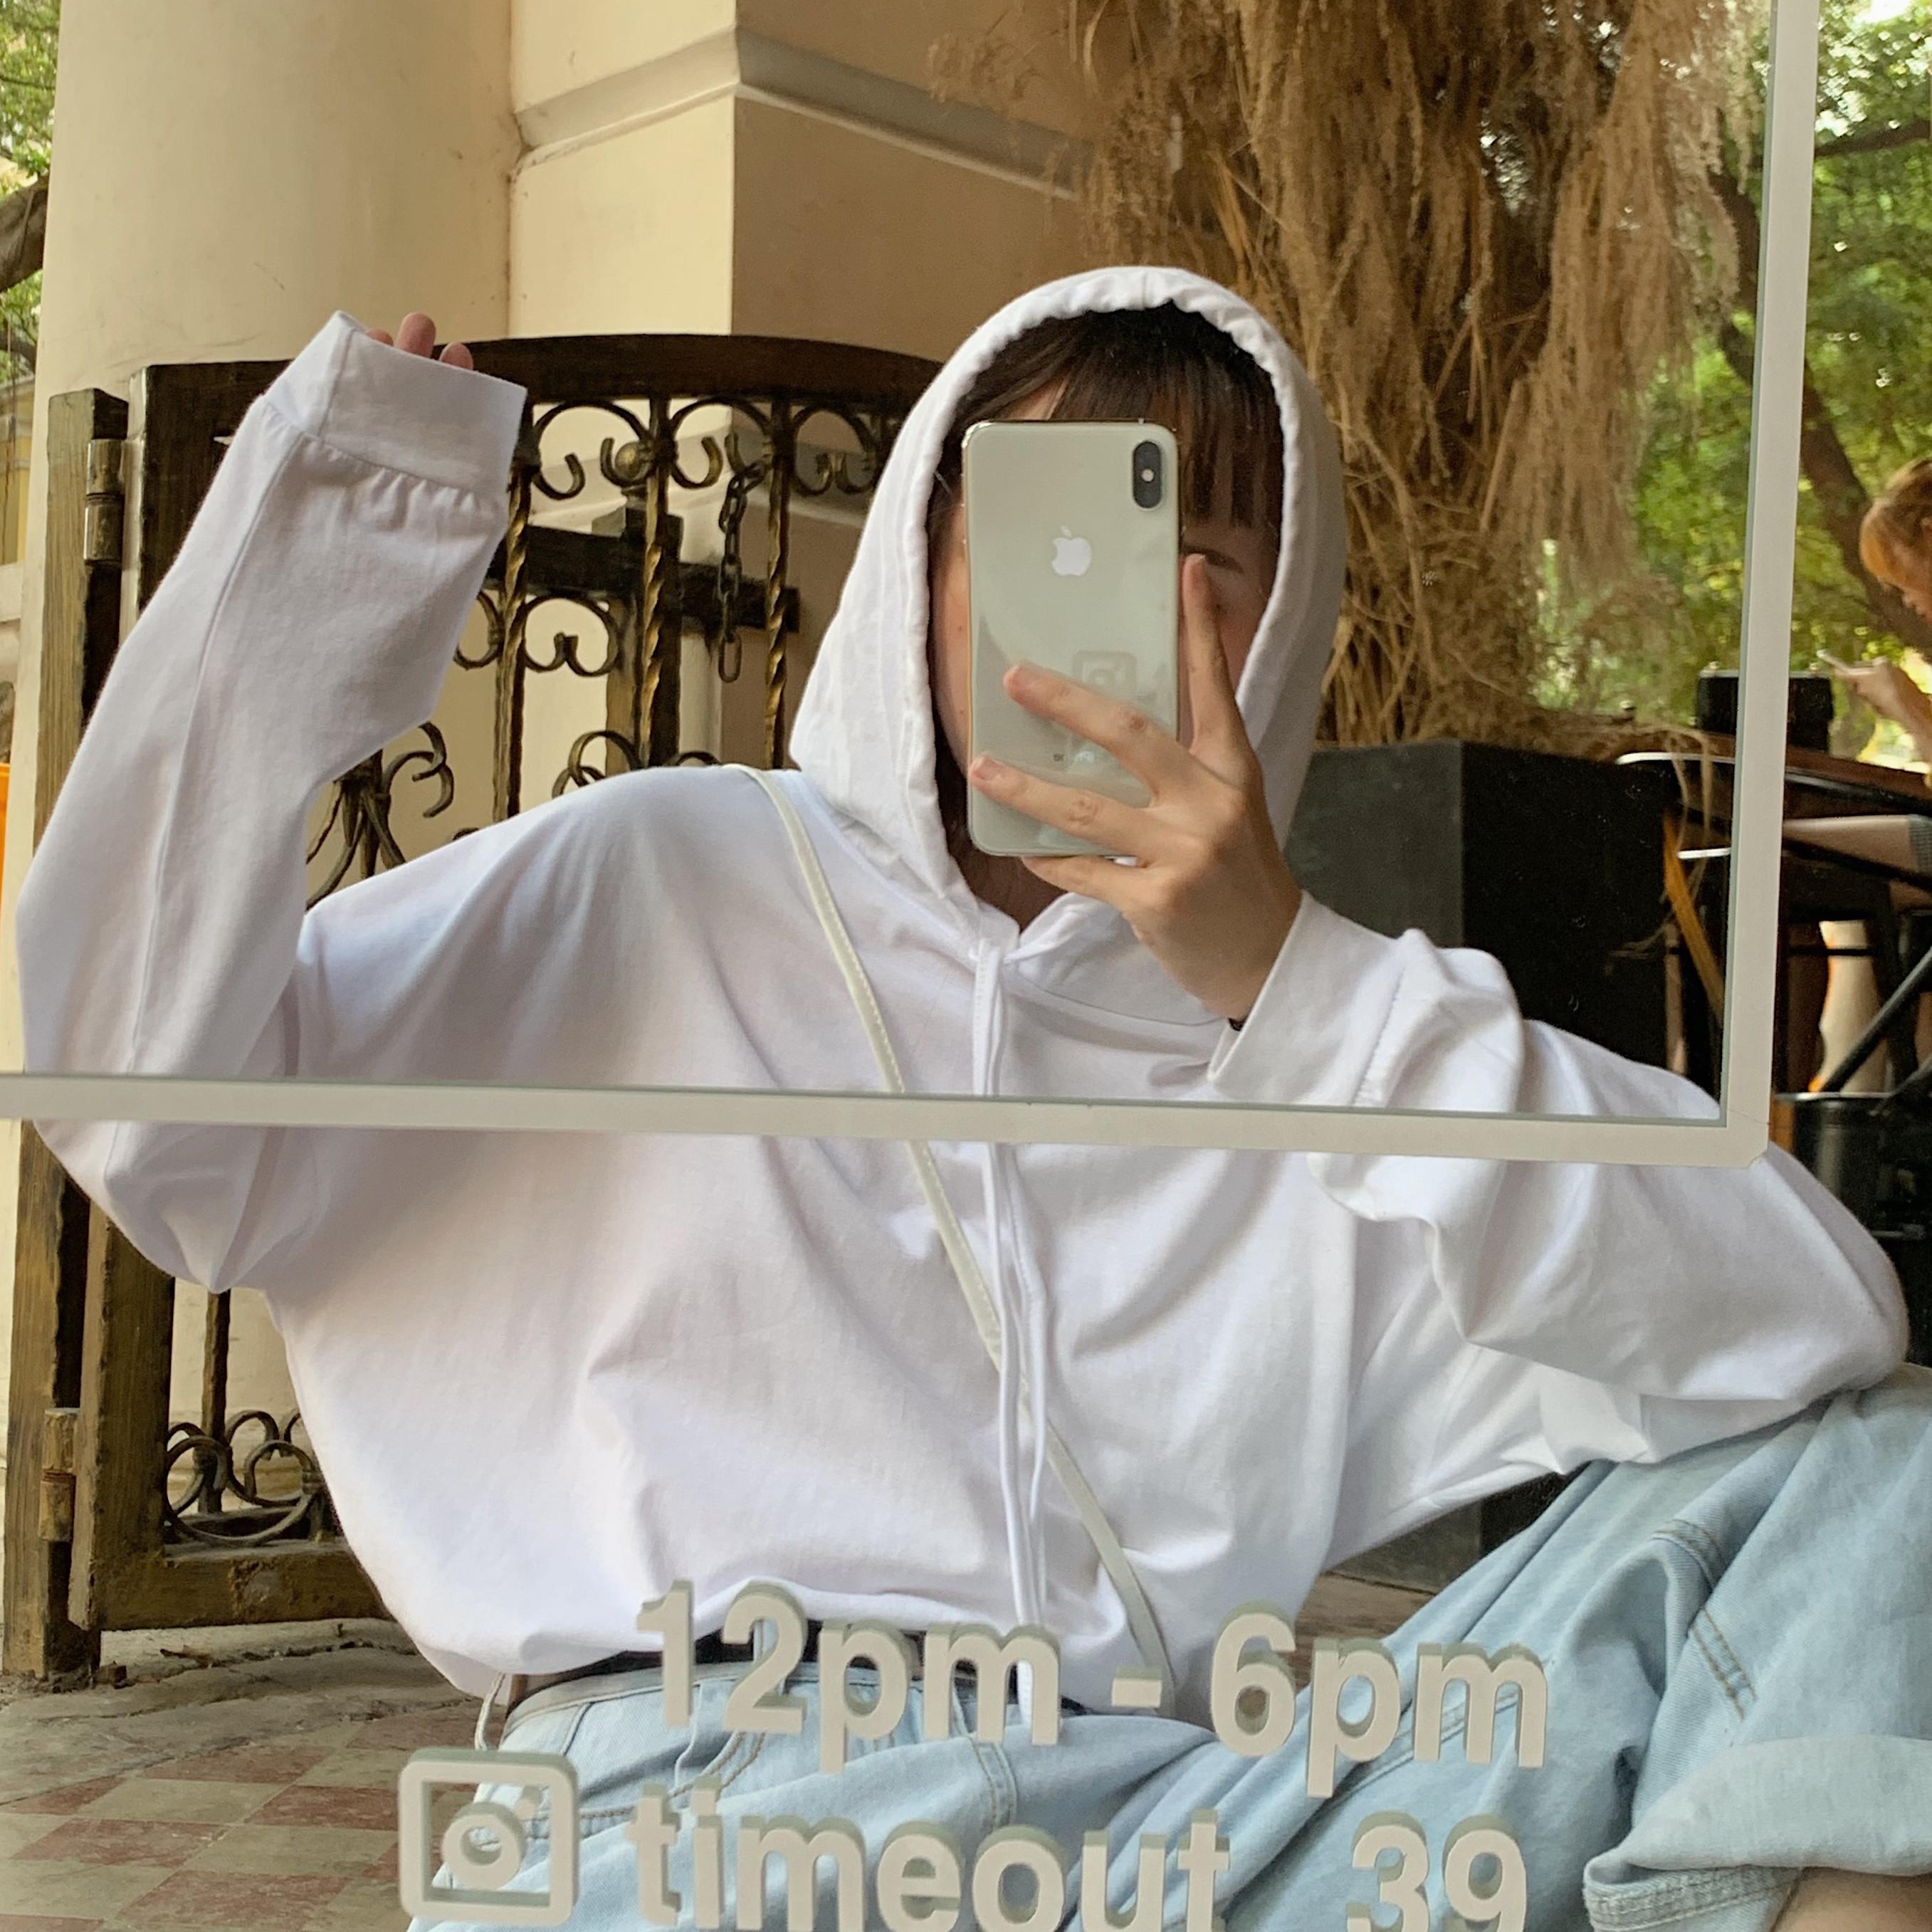 樱田川岛2019新款夏季学院风纯色宽松连帽薄款防晒长袖T恤上衣女热销25件正品保证